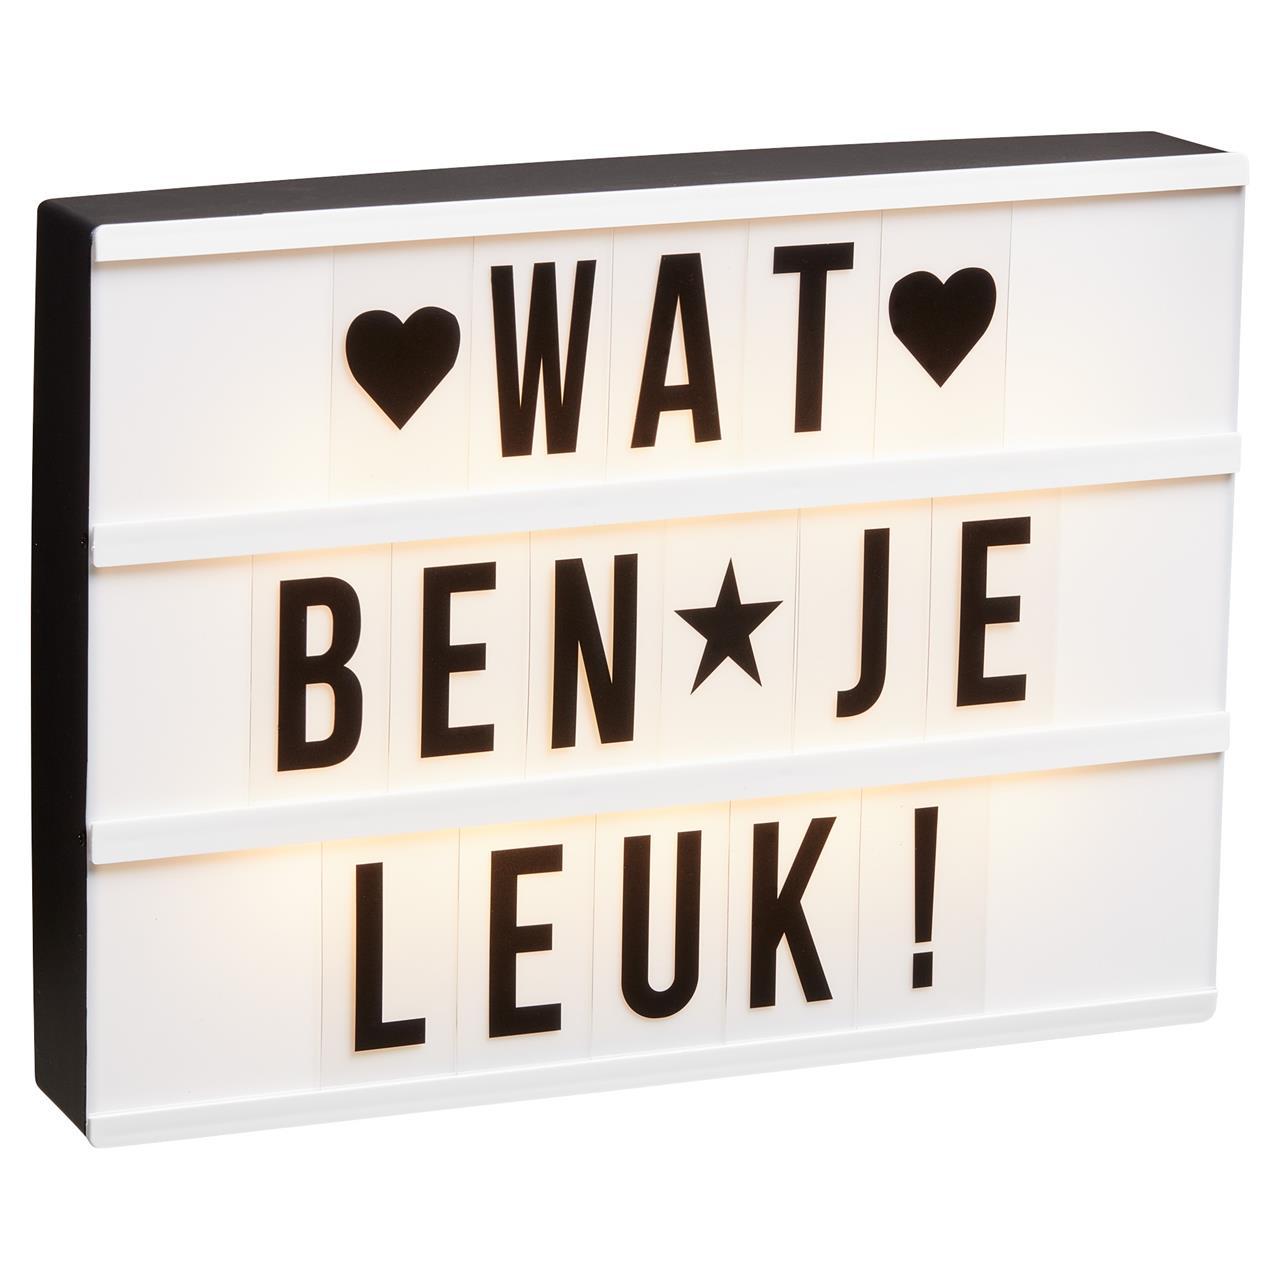 [UPDATE] Lightbox: €13 @ Kwantum